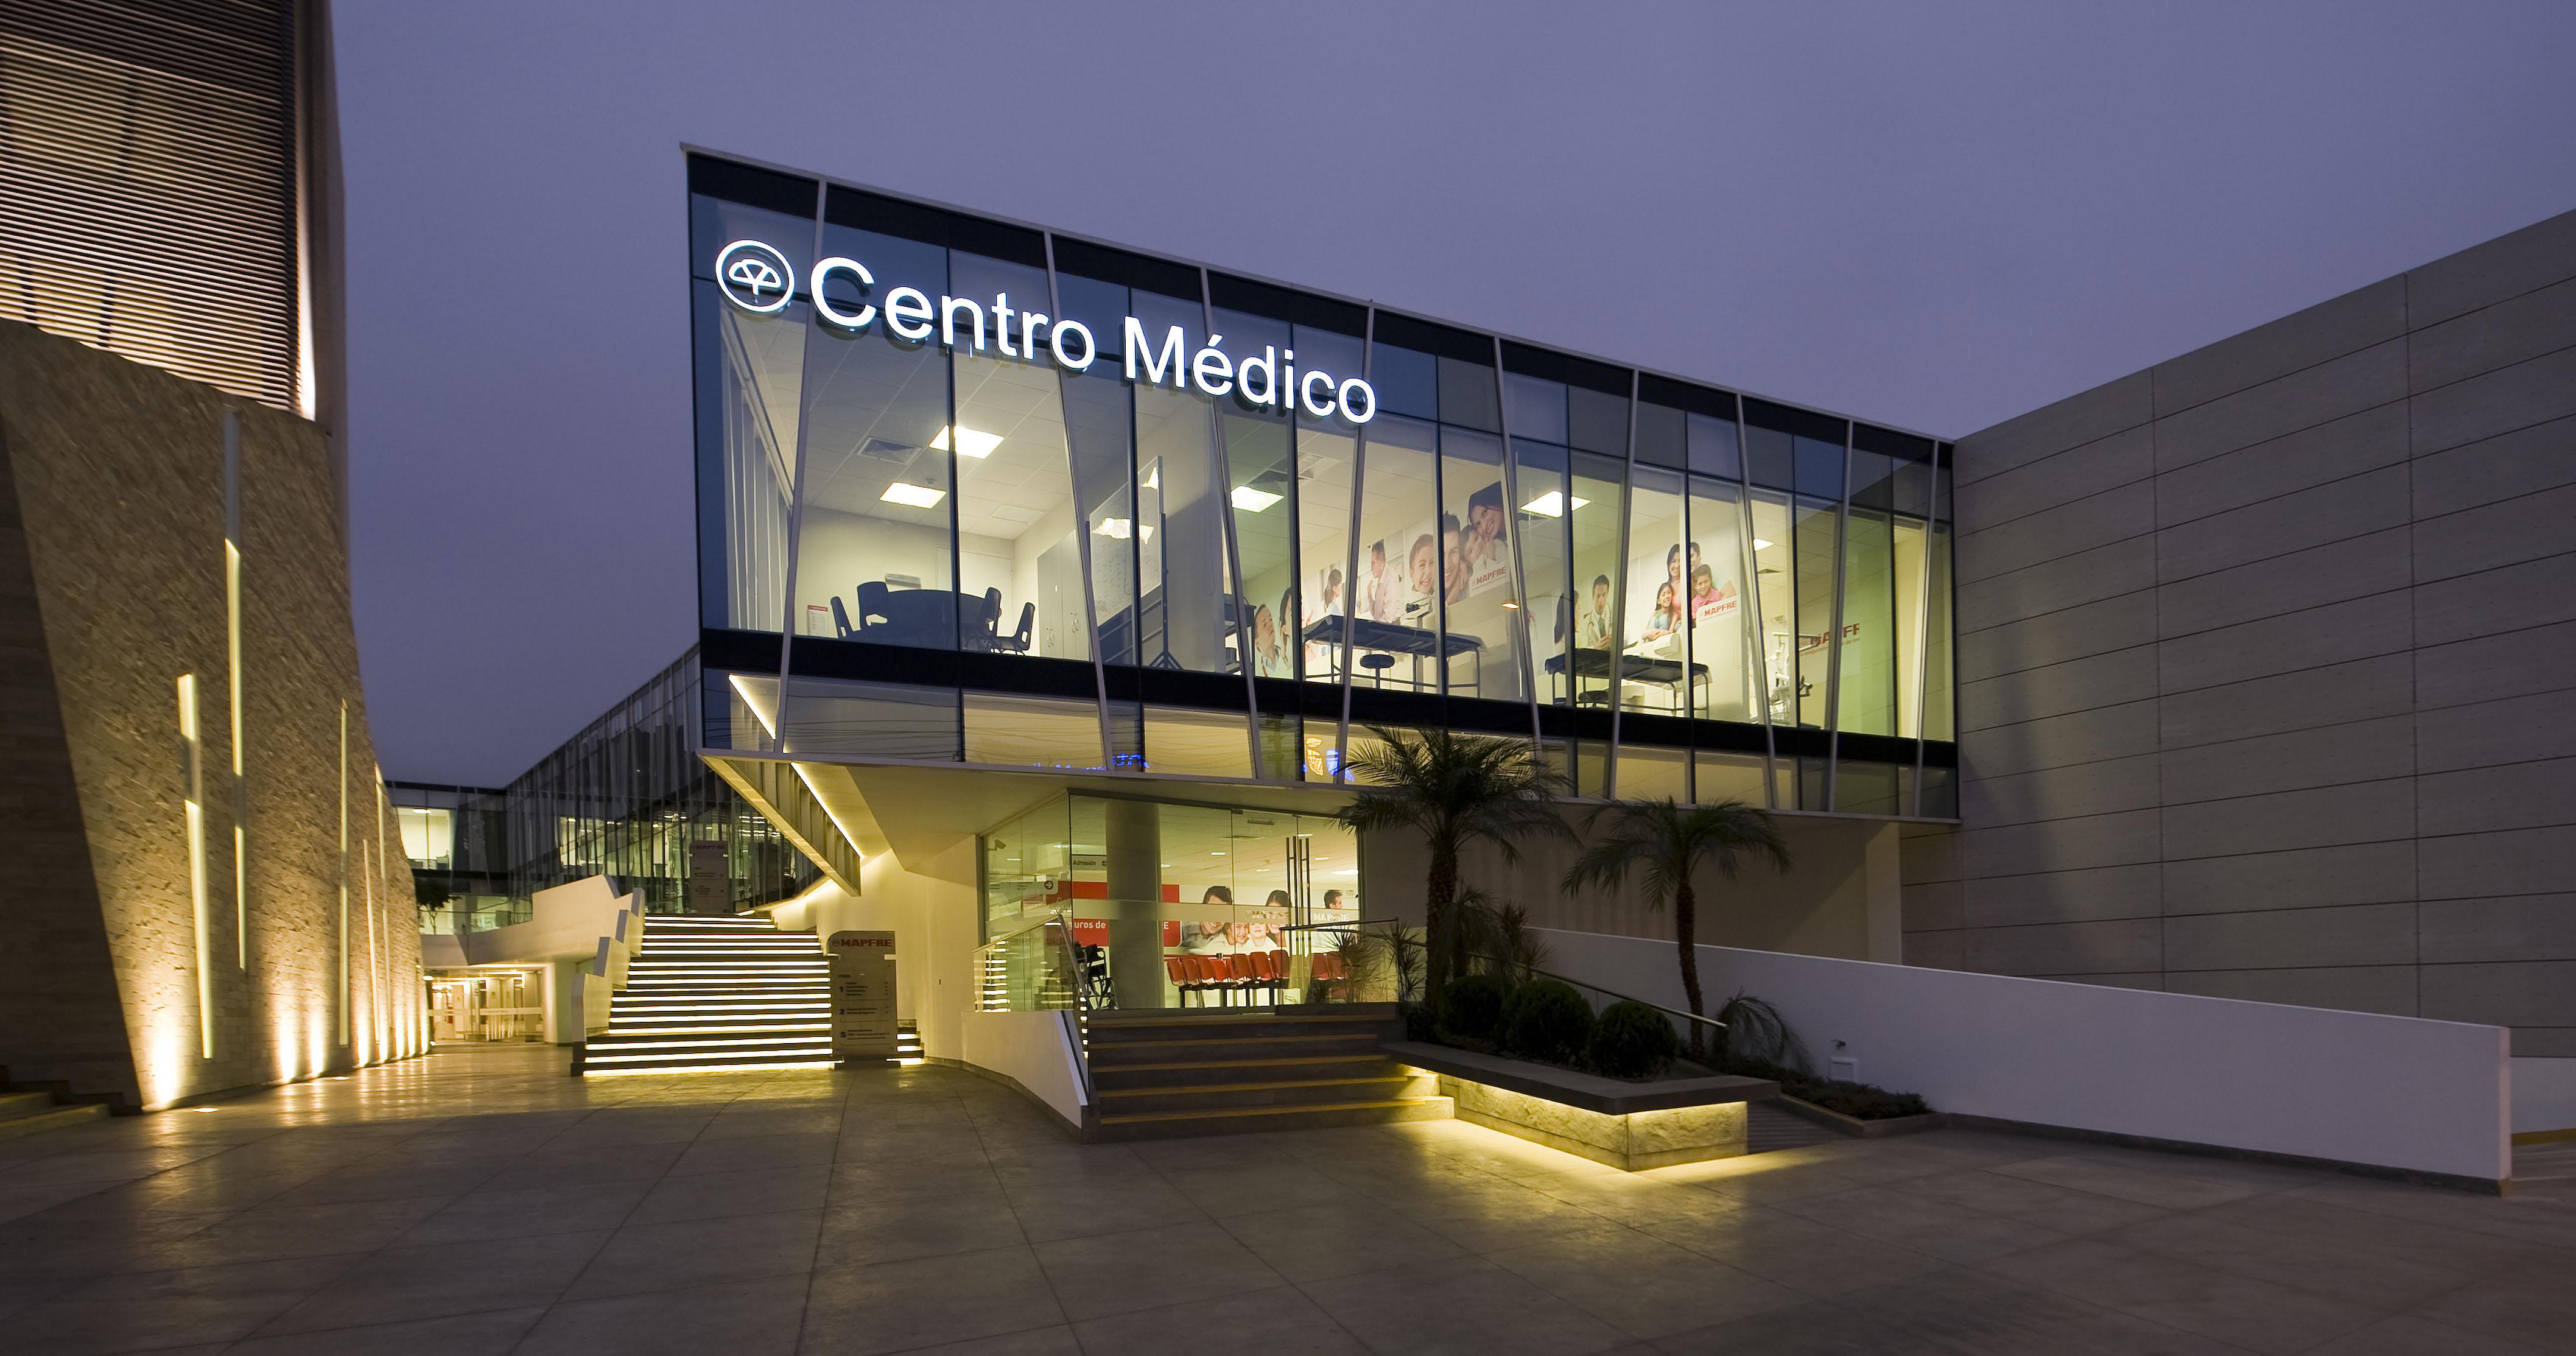 Iluminación exterior centro médico Mapfre Perú